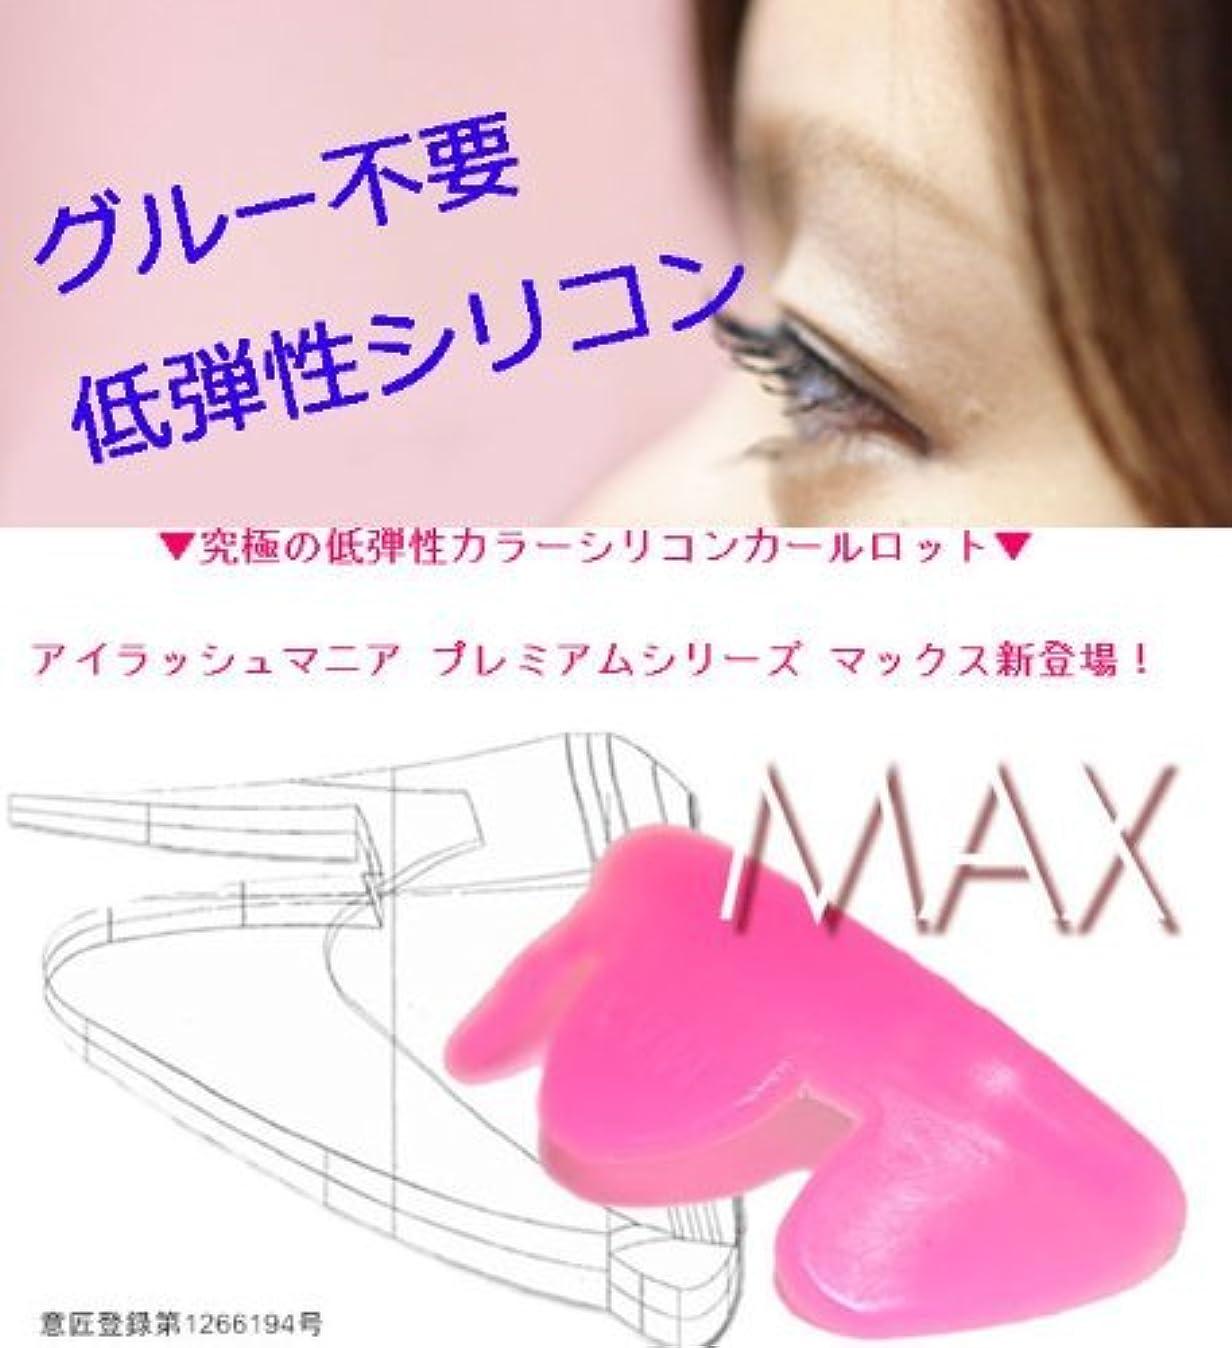 香り好奇心盛ホイール【プロ用】まつげパーマ用ロットMax/S?M?L 3サイズ各1ペア / 低弾性シリコンロット